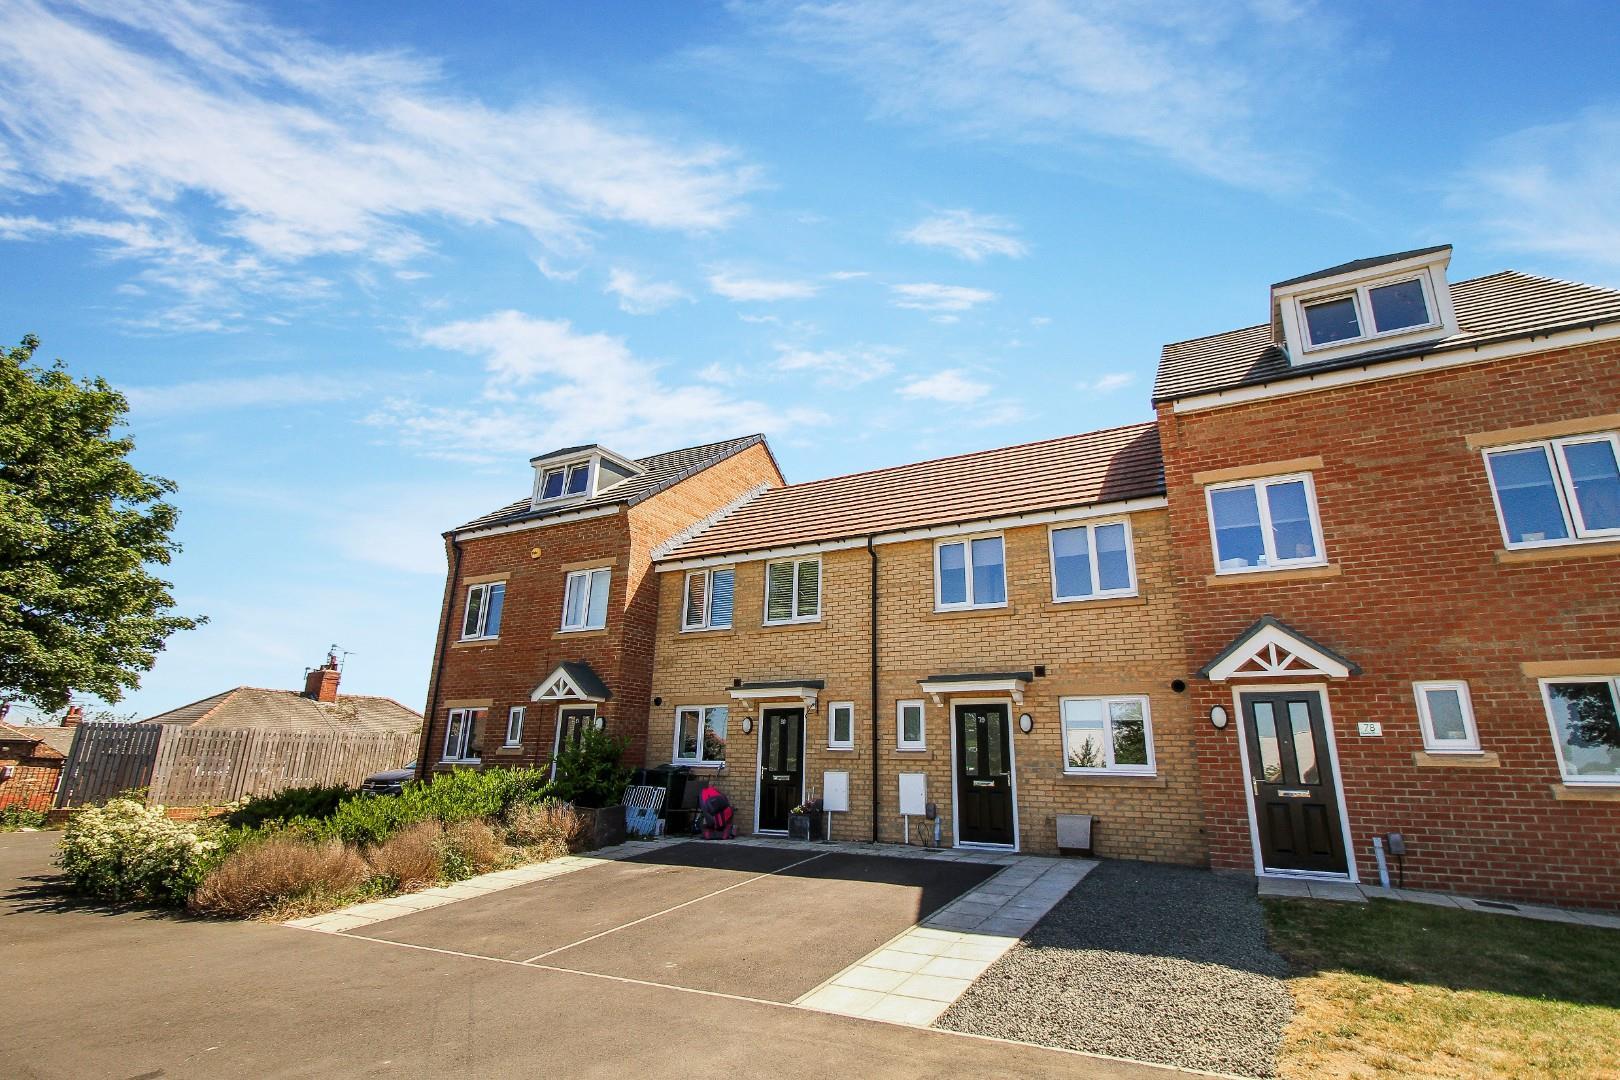 2 House - Terraced